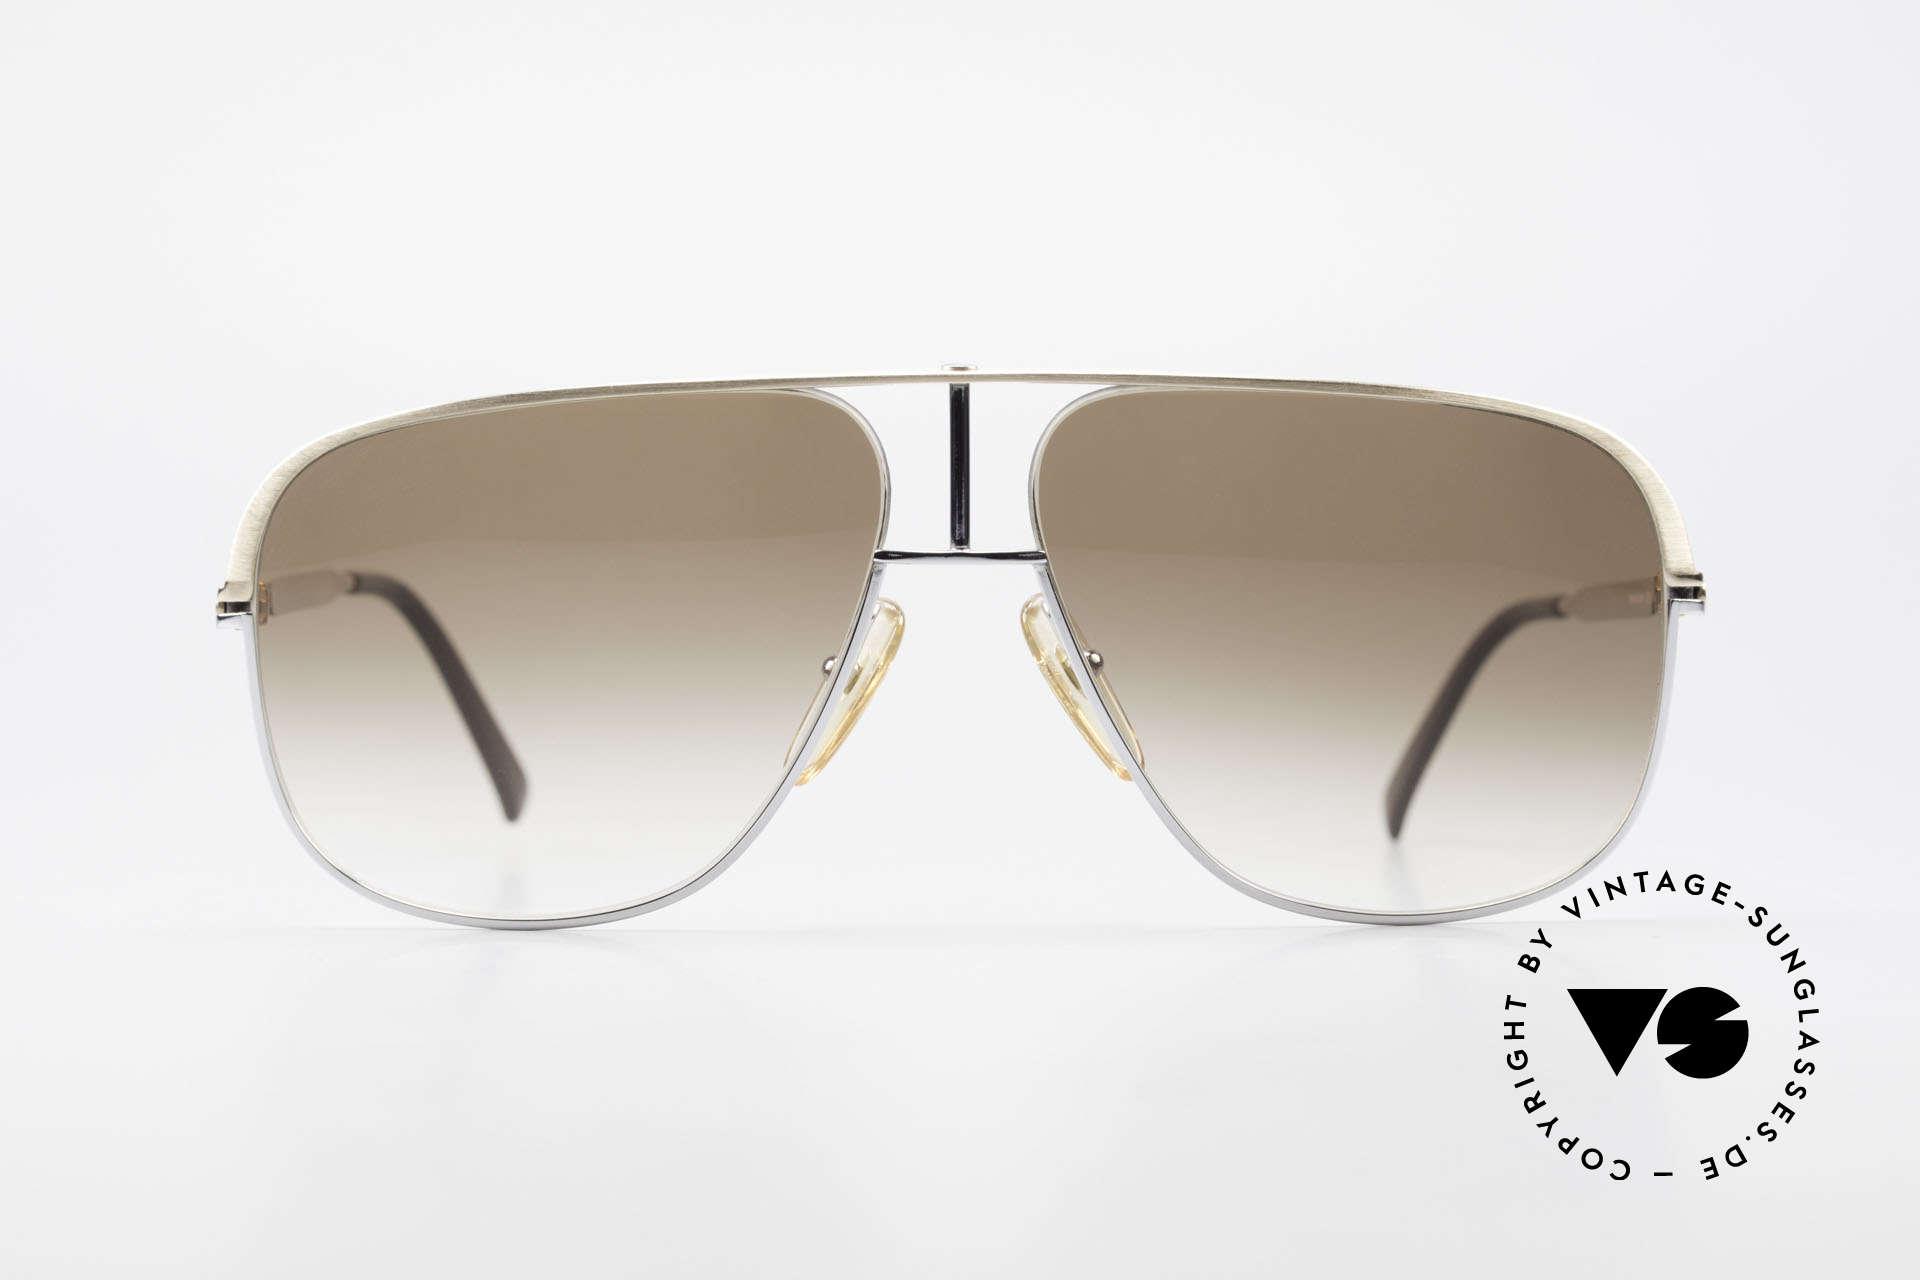 Dunhill 6019 80er Gentleman Luxus Brille, die absolute Speerspitze in Sachen Brillen-Qualität, Passend für Herren